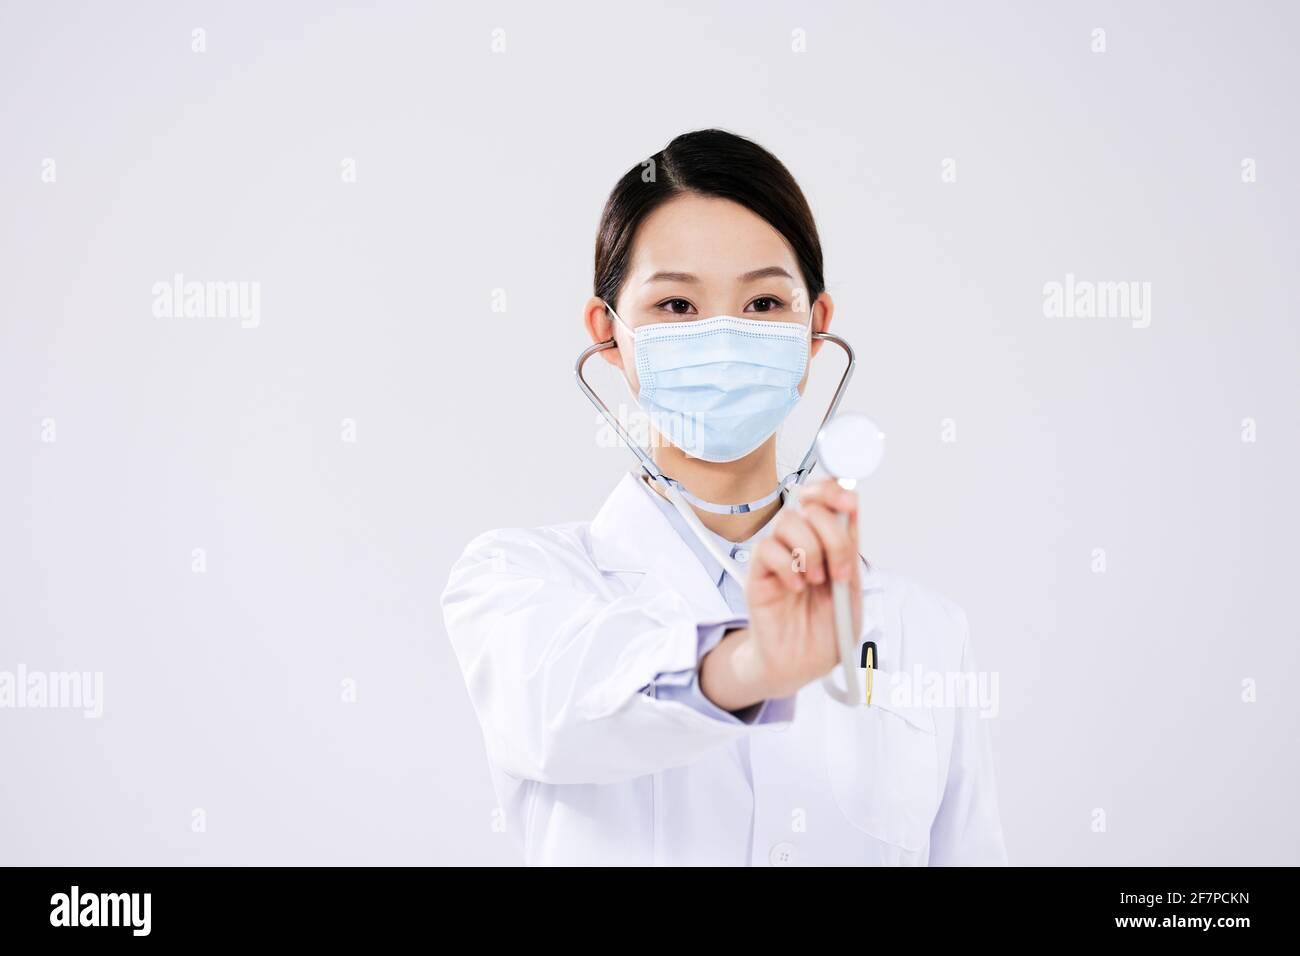 Une femme médecin portant un masque utilise un stéthoscope avant vue Banque D'Images